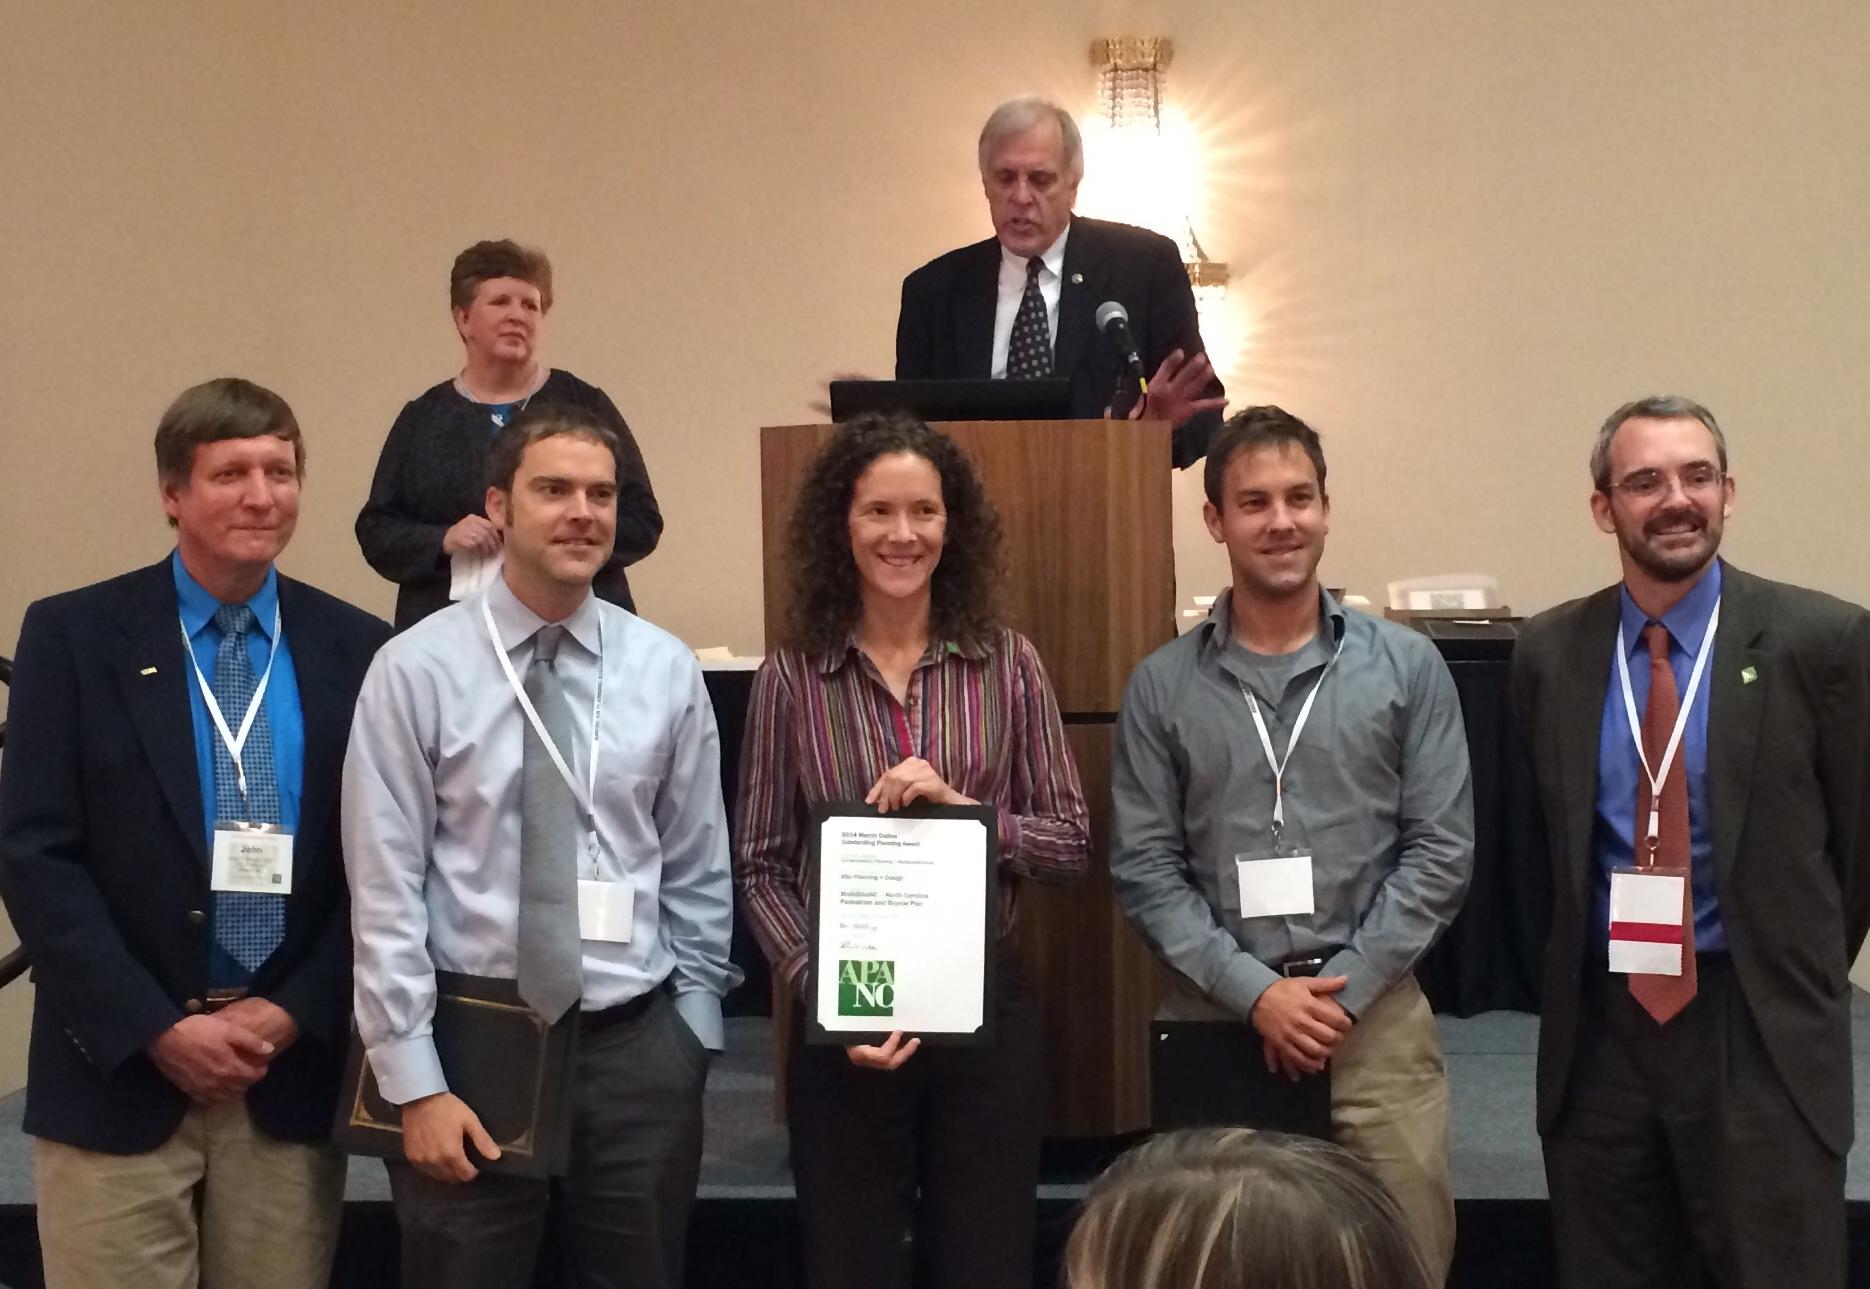 WalkBikeNC Award